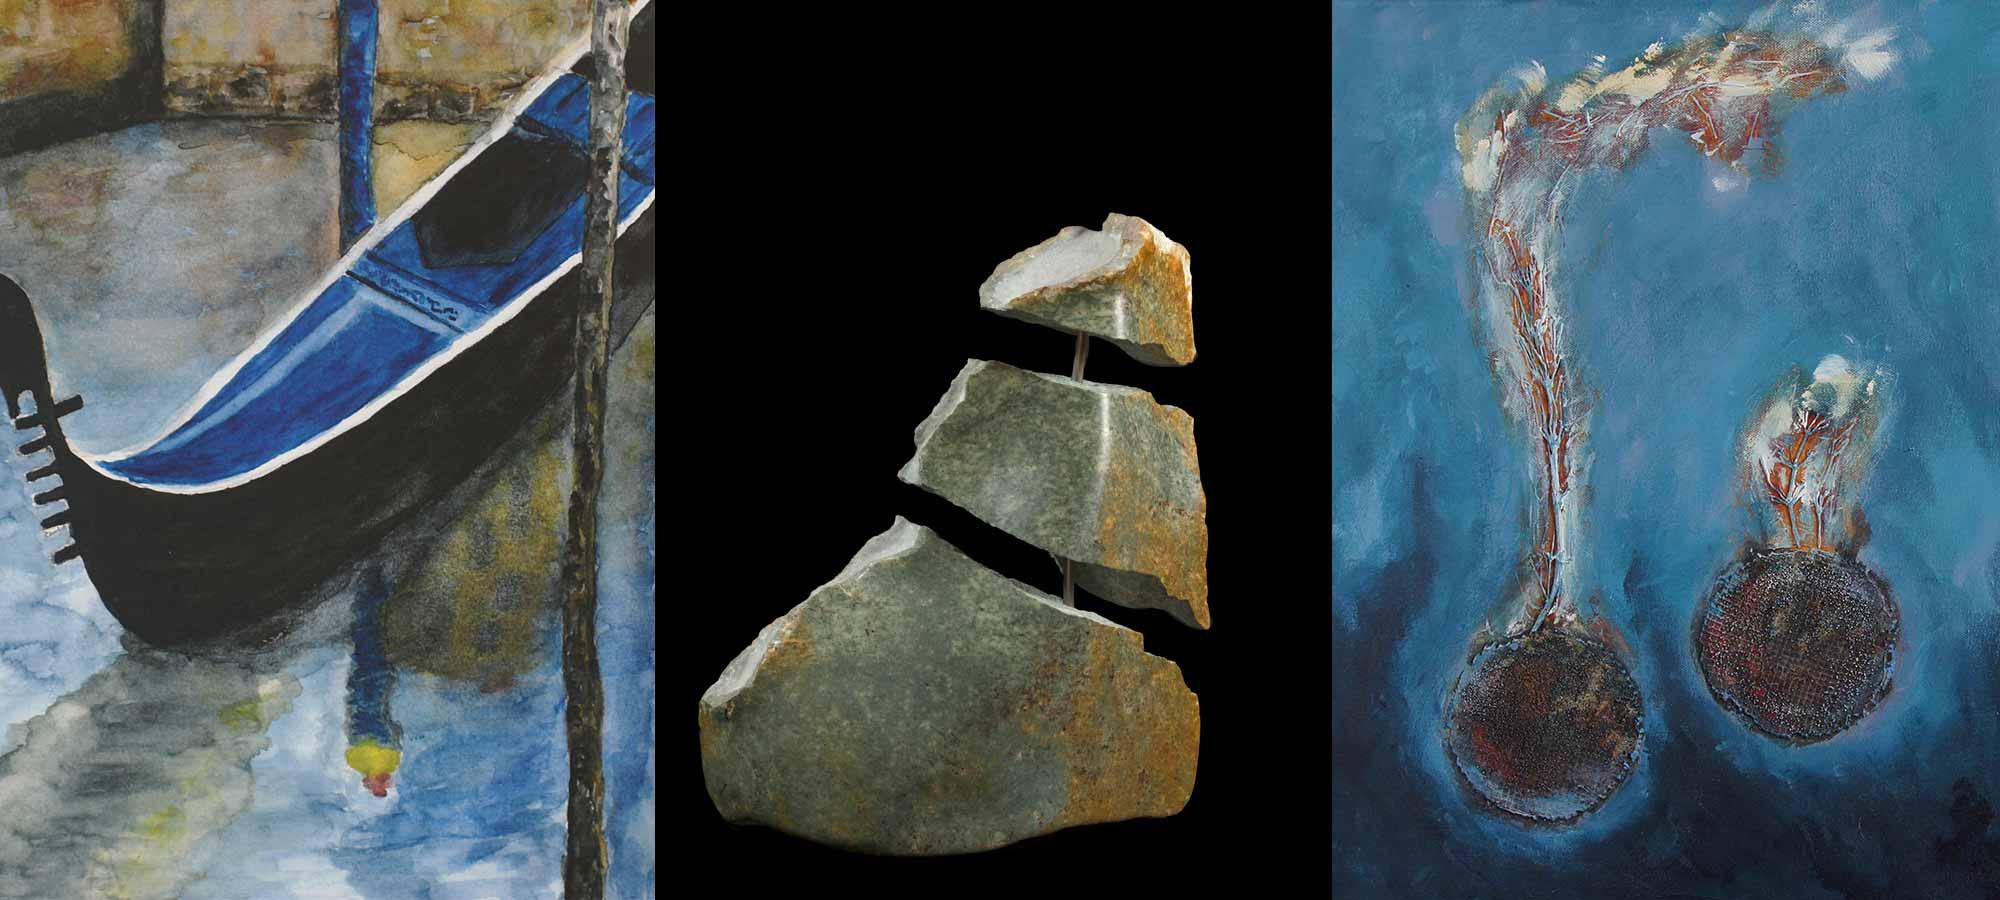 Kunstausstellung: Trialog 27. September bis 31. Dezember